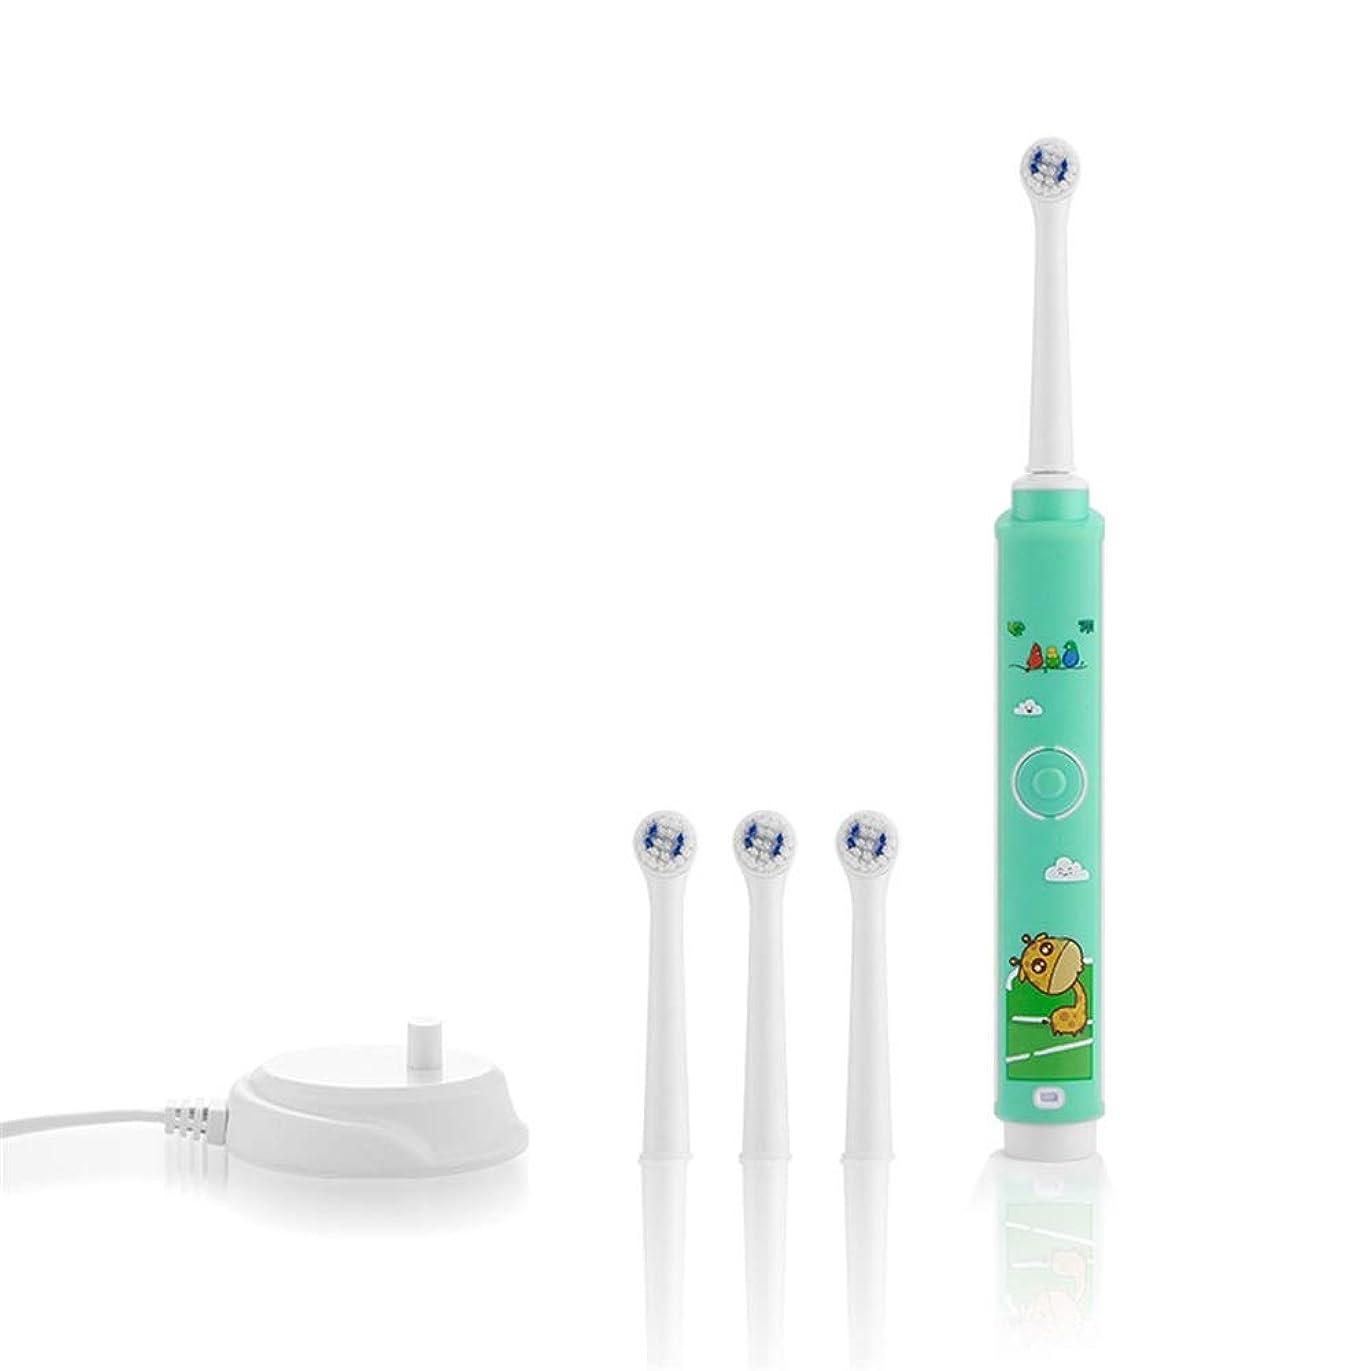 文字通りフェッチロードハウスUSBの充満基盤の柔らかい毛のきれいな歯ブラシと防水子供の電動歯ブラシ (色 : 緑, サイズ : Free size)